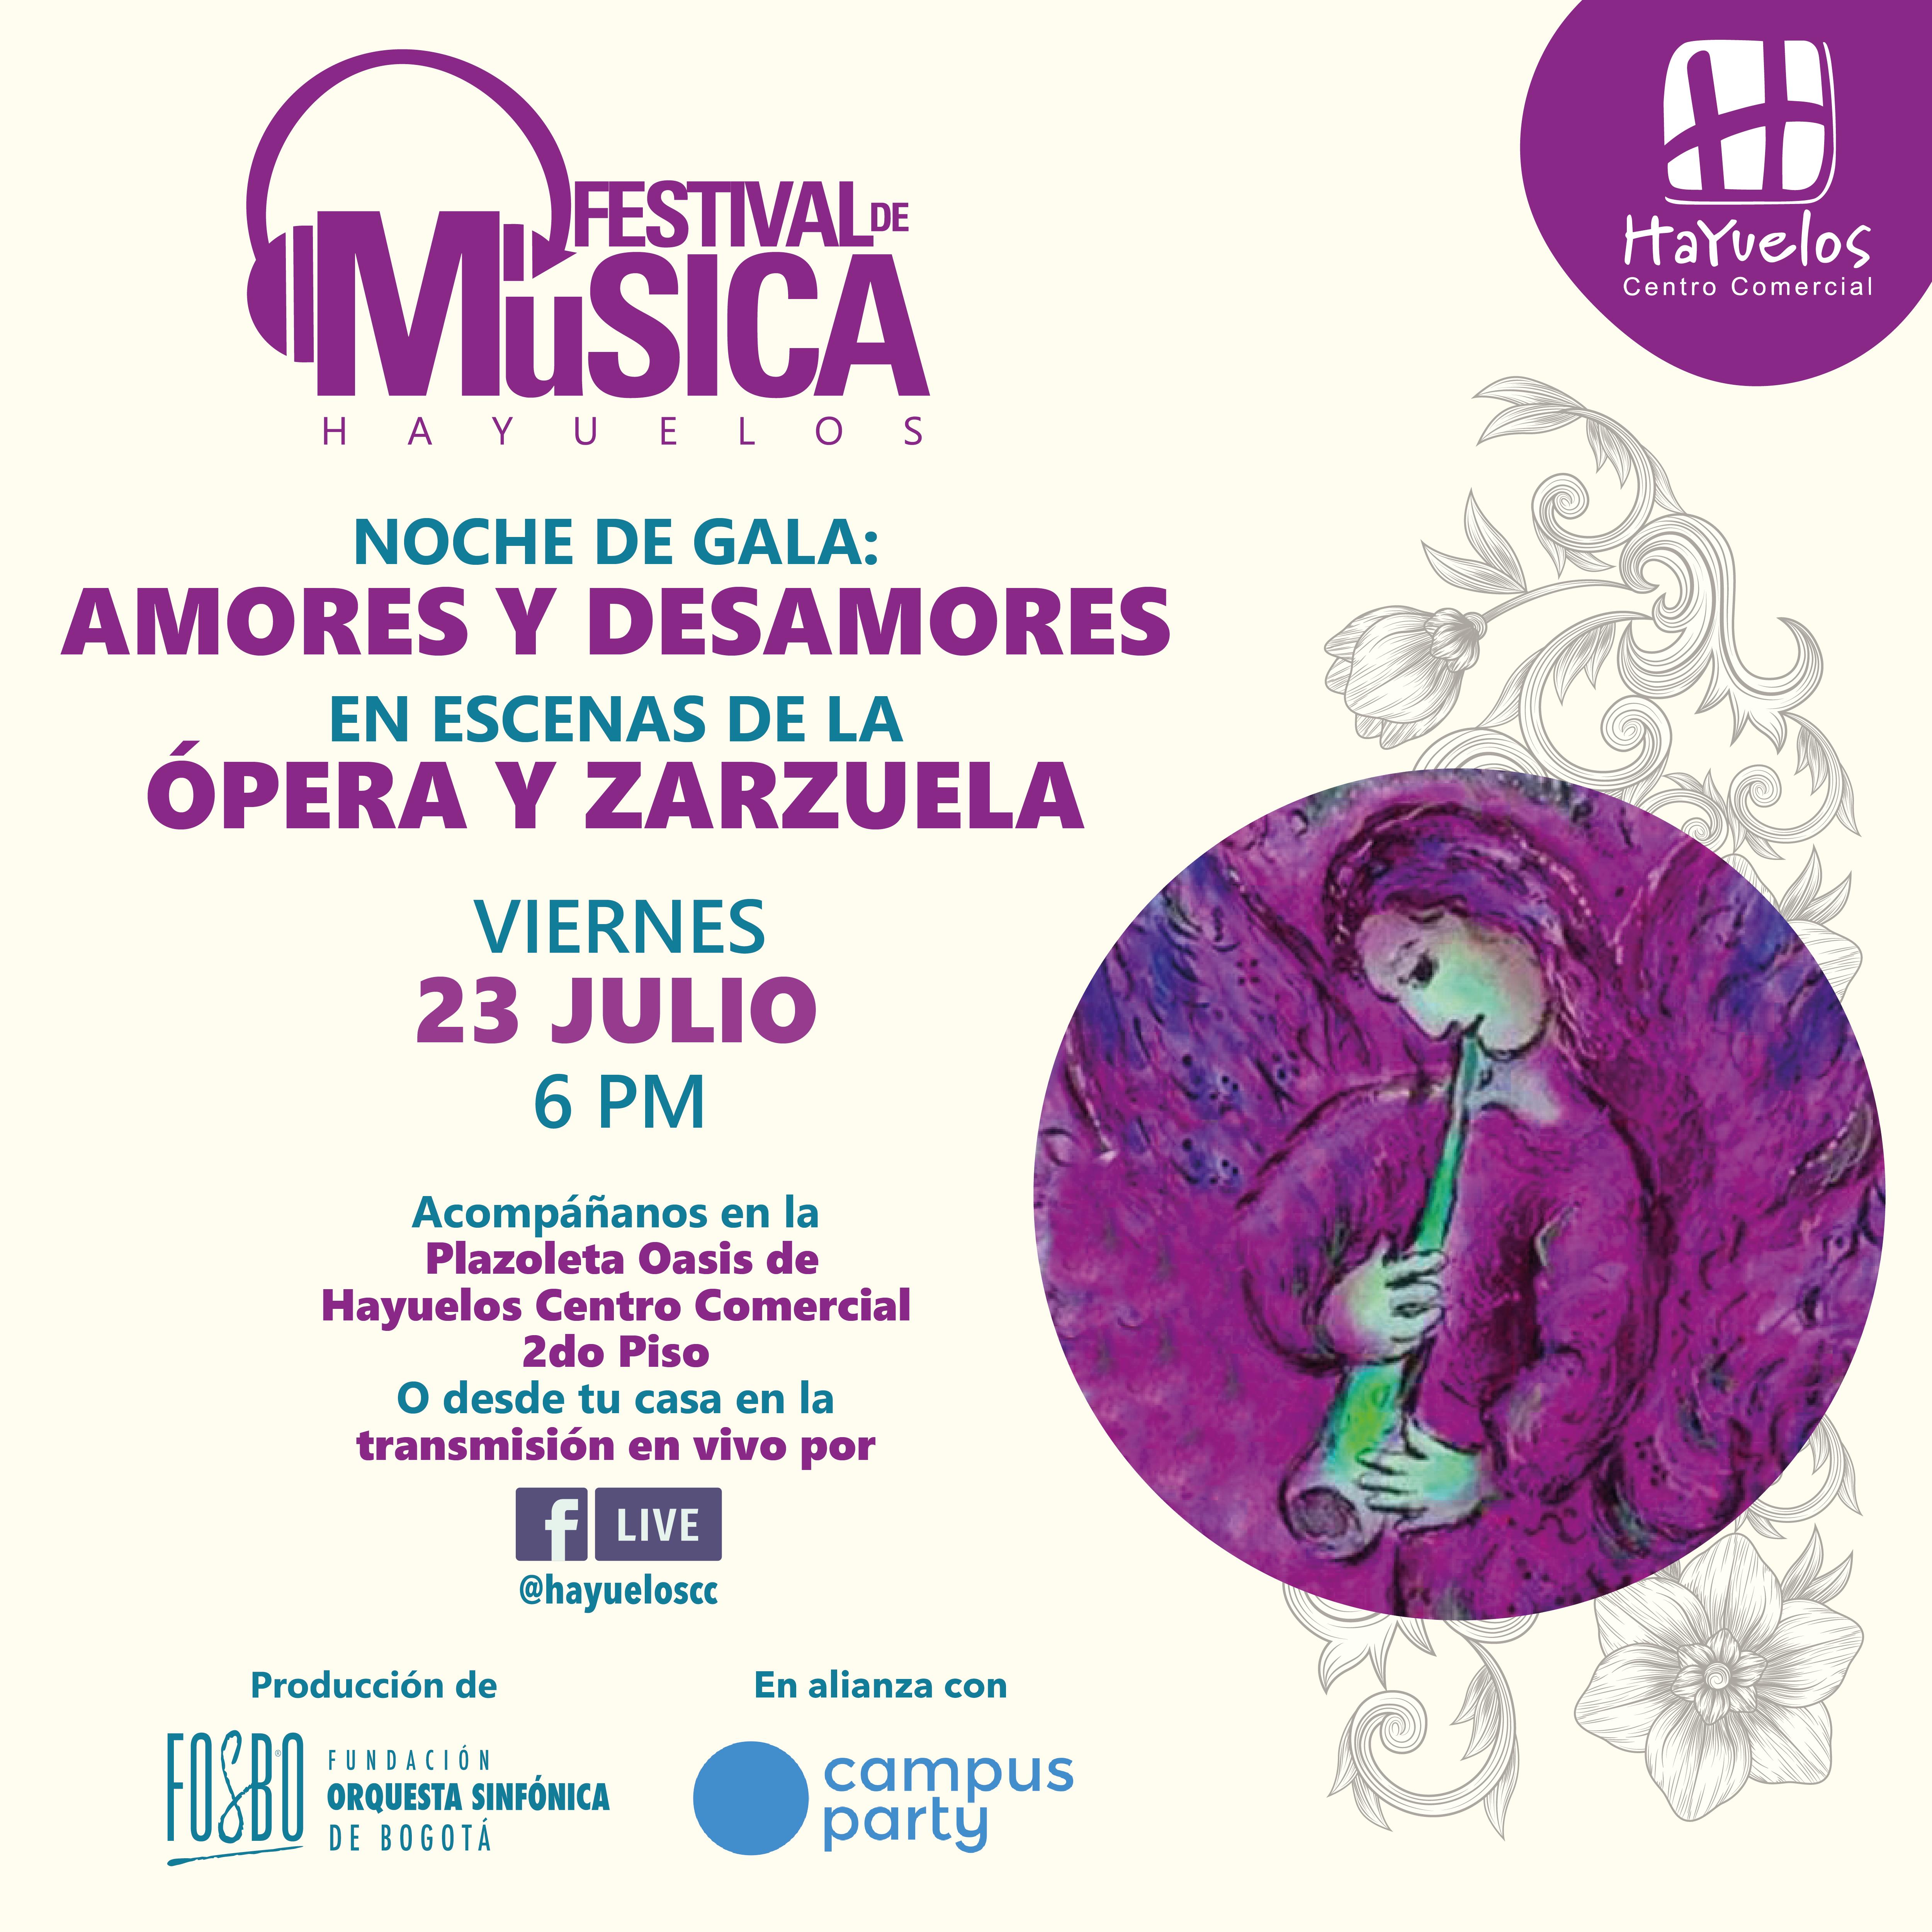 ópera y Zarzuela Hayuelos Fosbo